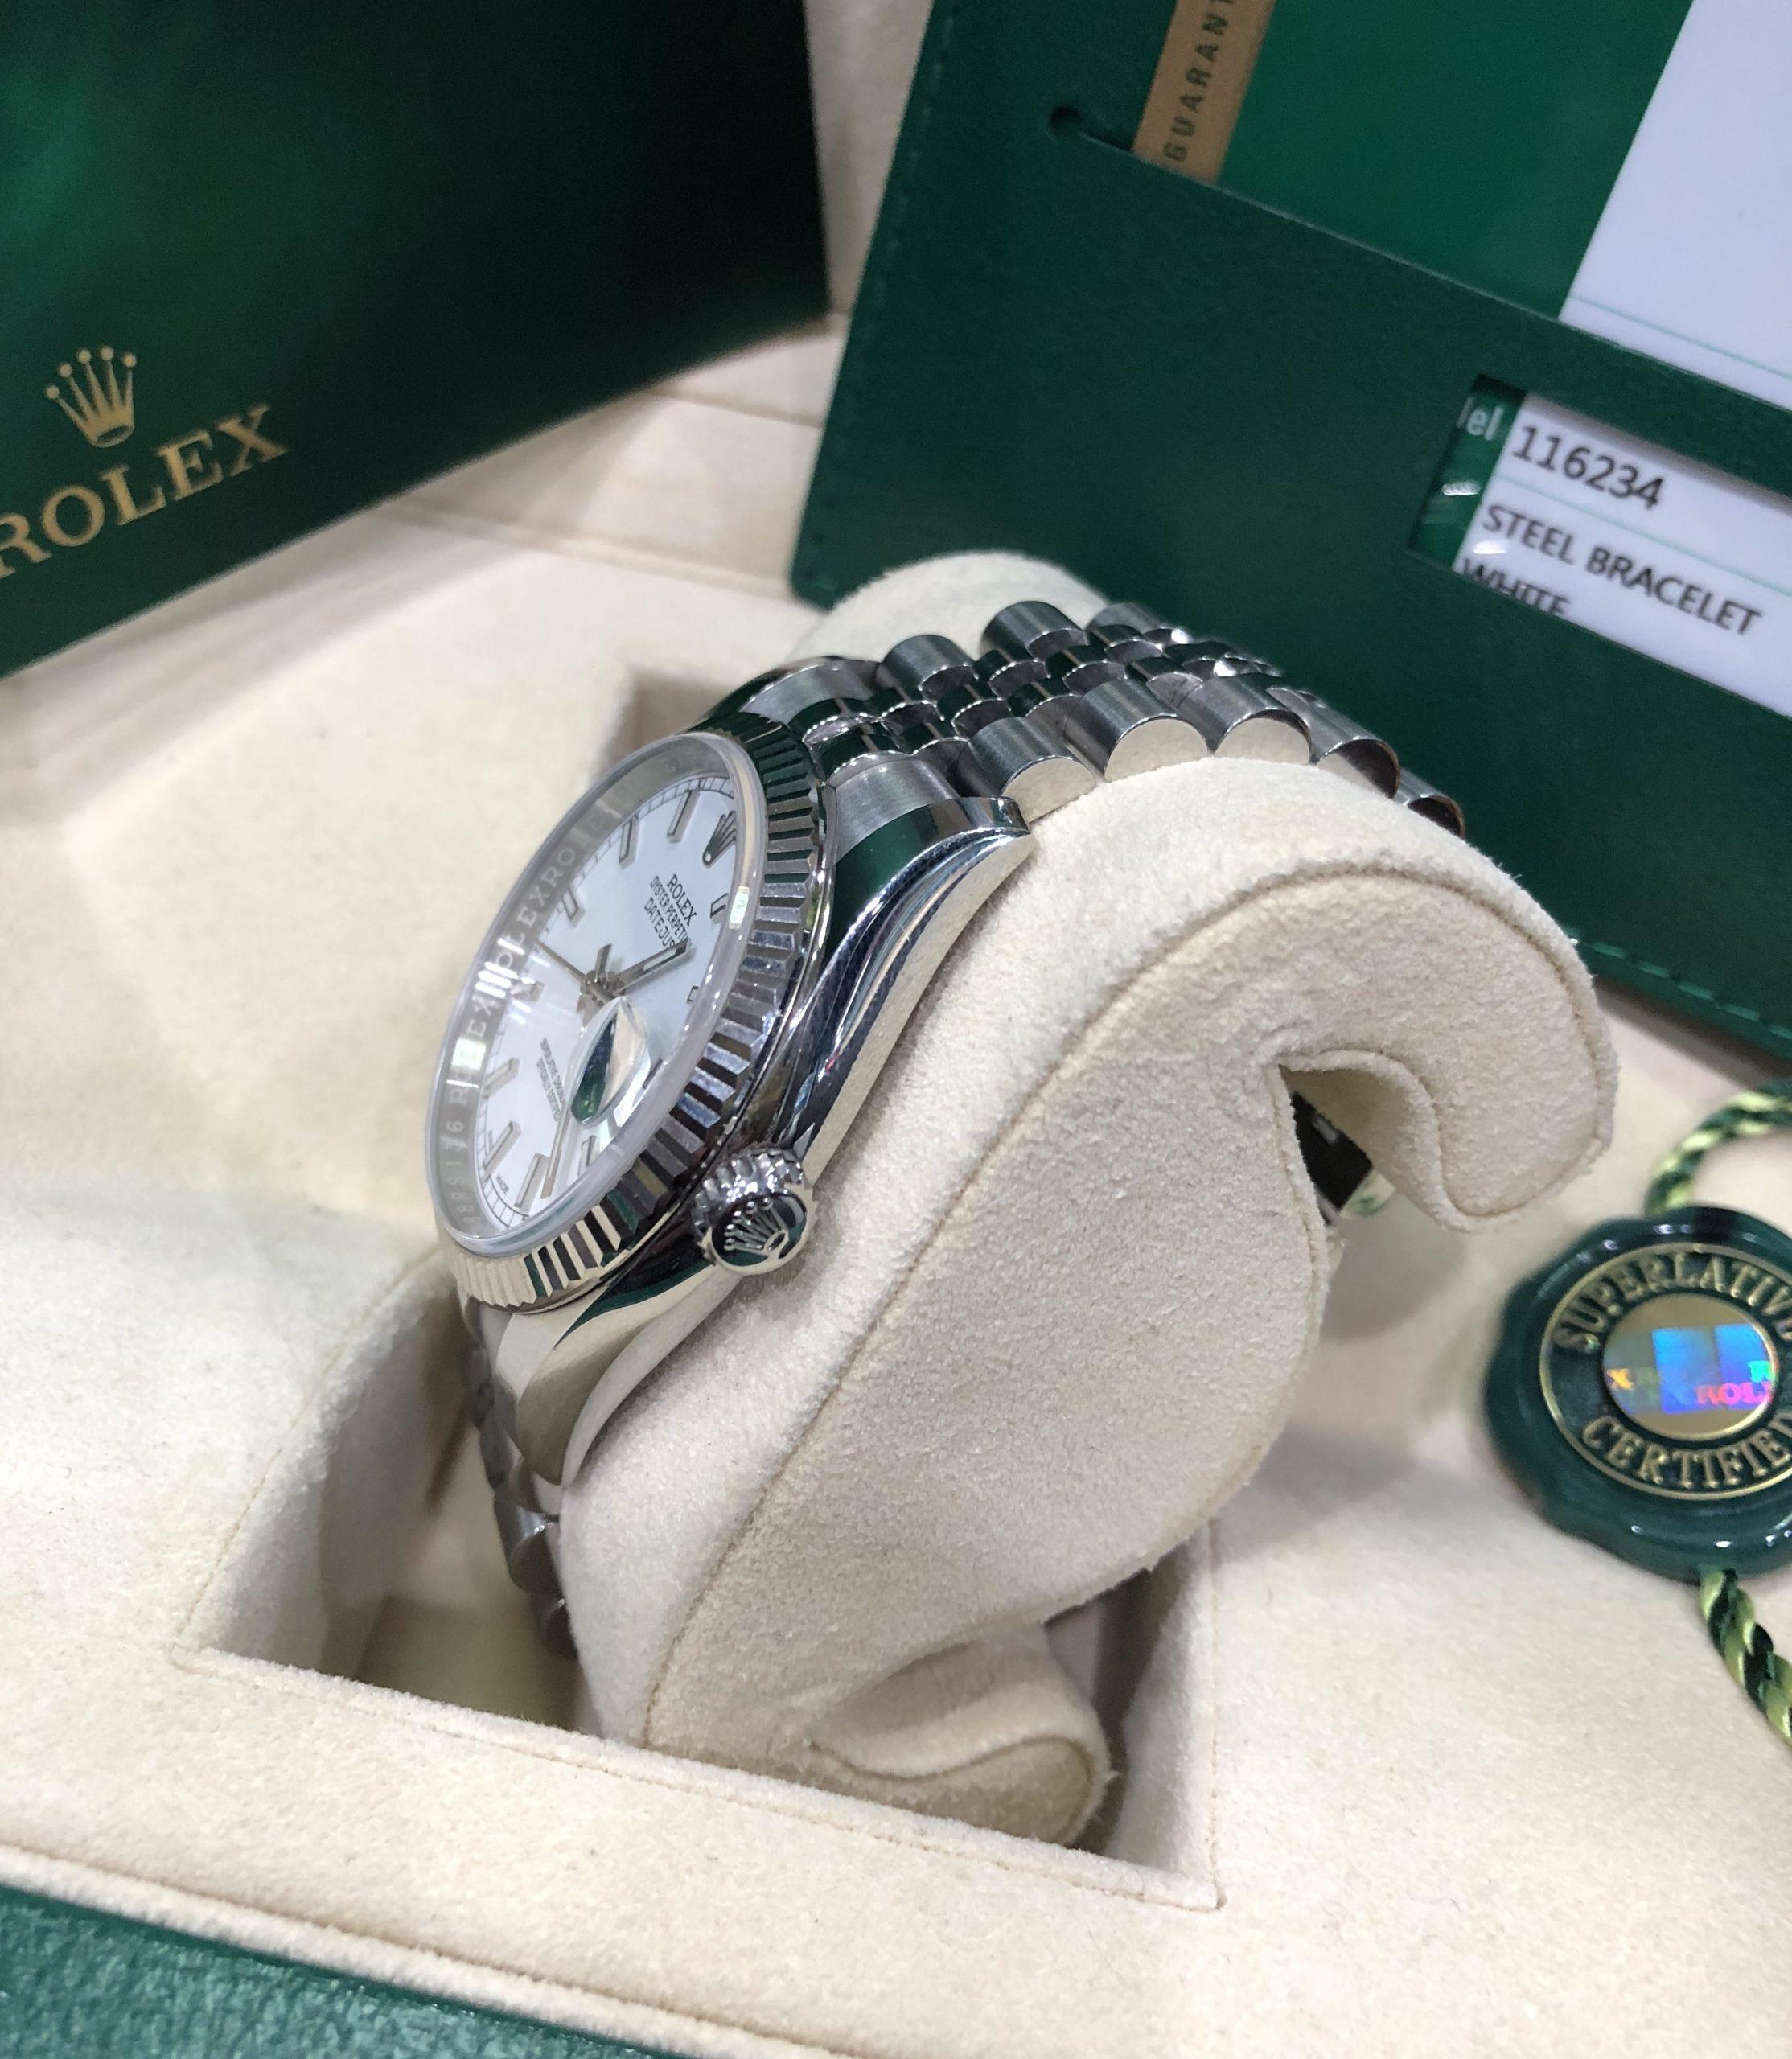 Rolex 116234 niềng vàng trắng đời 2018 Fullbox